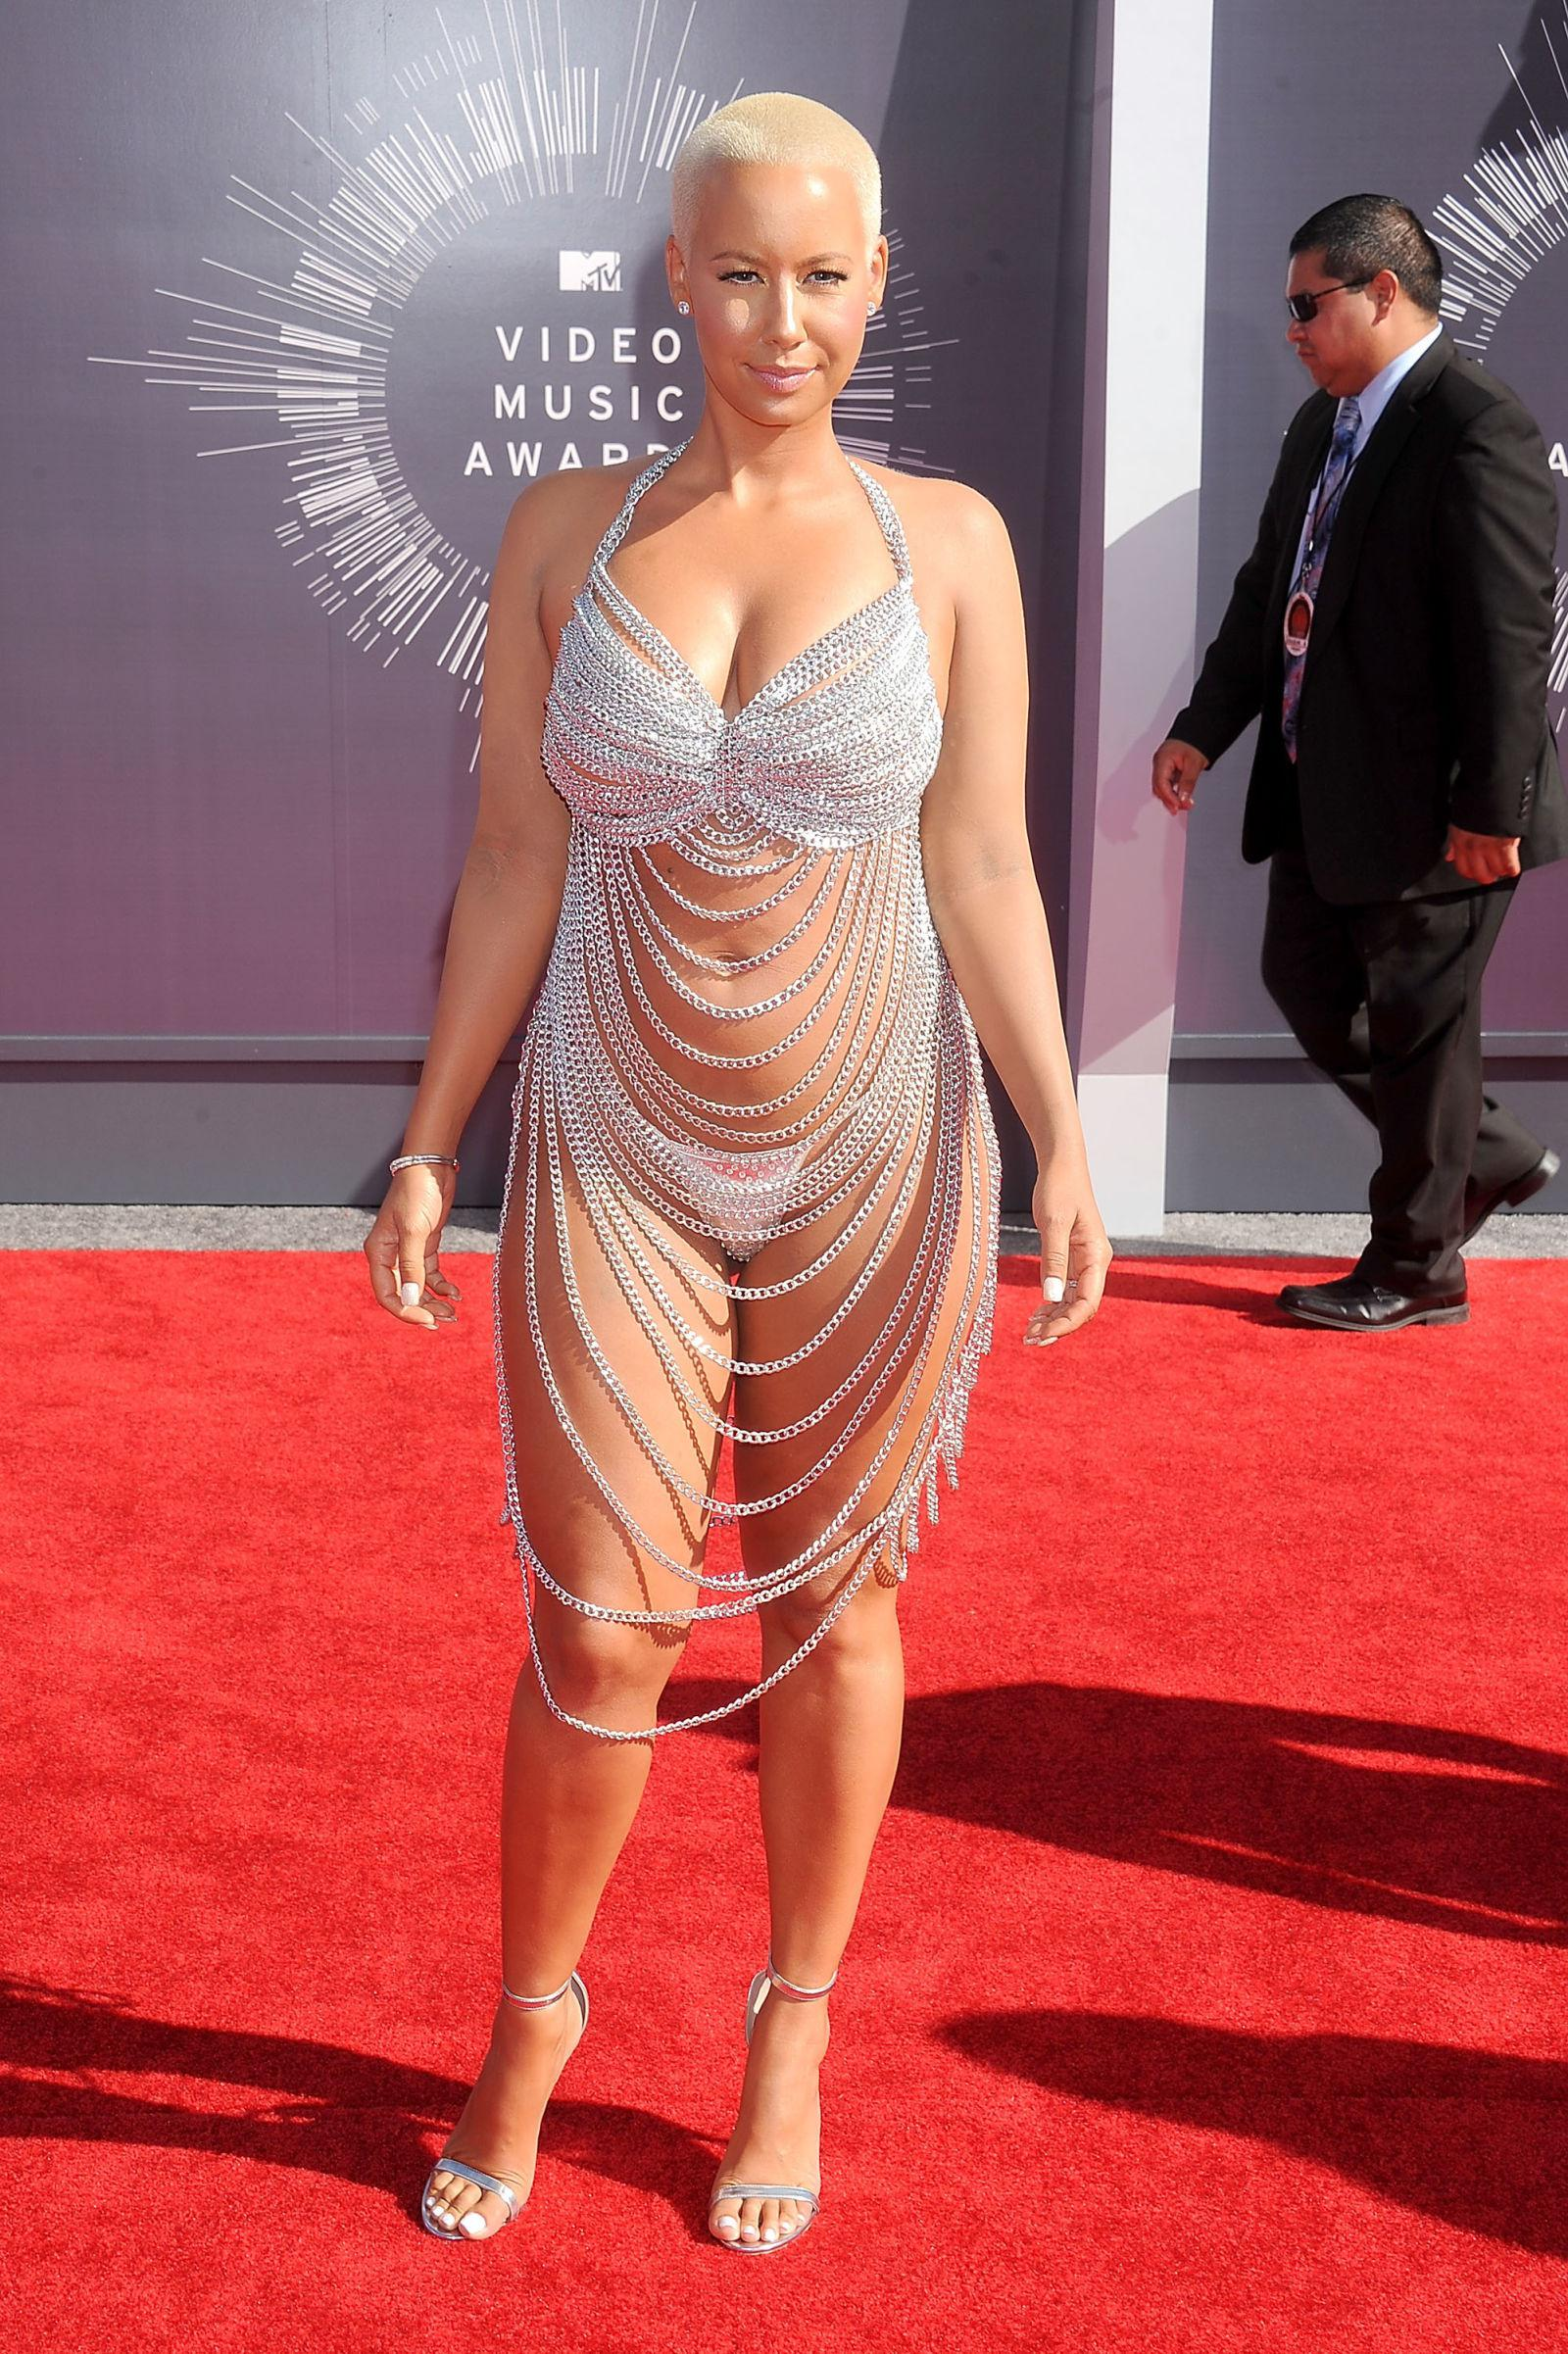 Simak deretan selebritas Hollywood dengan gaya busana yang kontroversial berikut ini. (Foto:Marieclaire.com)